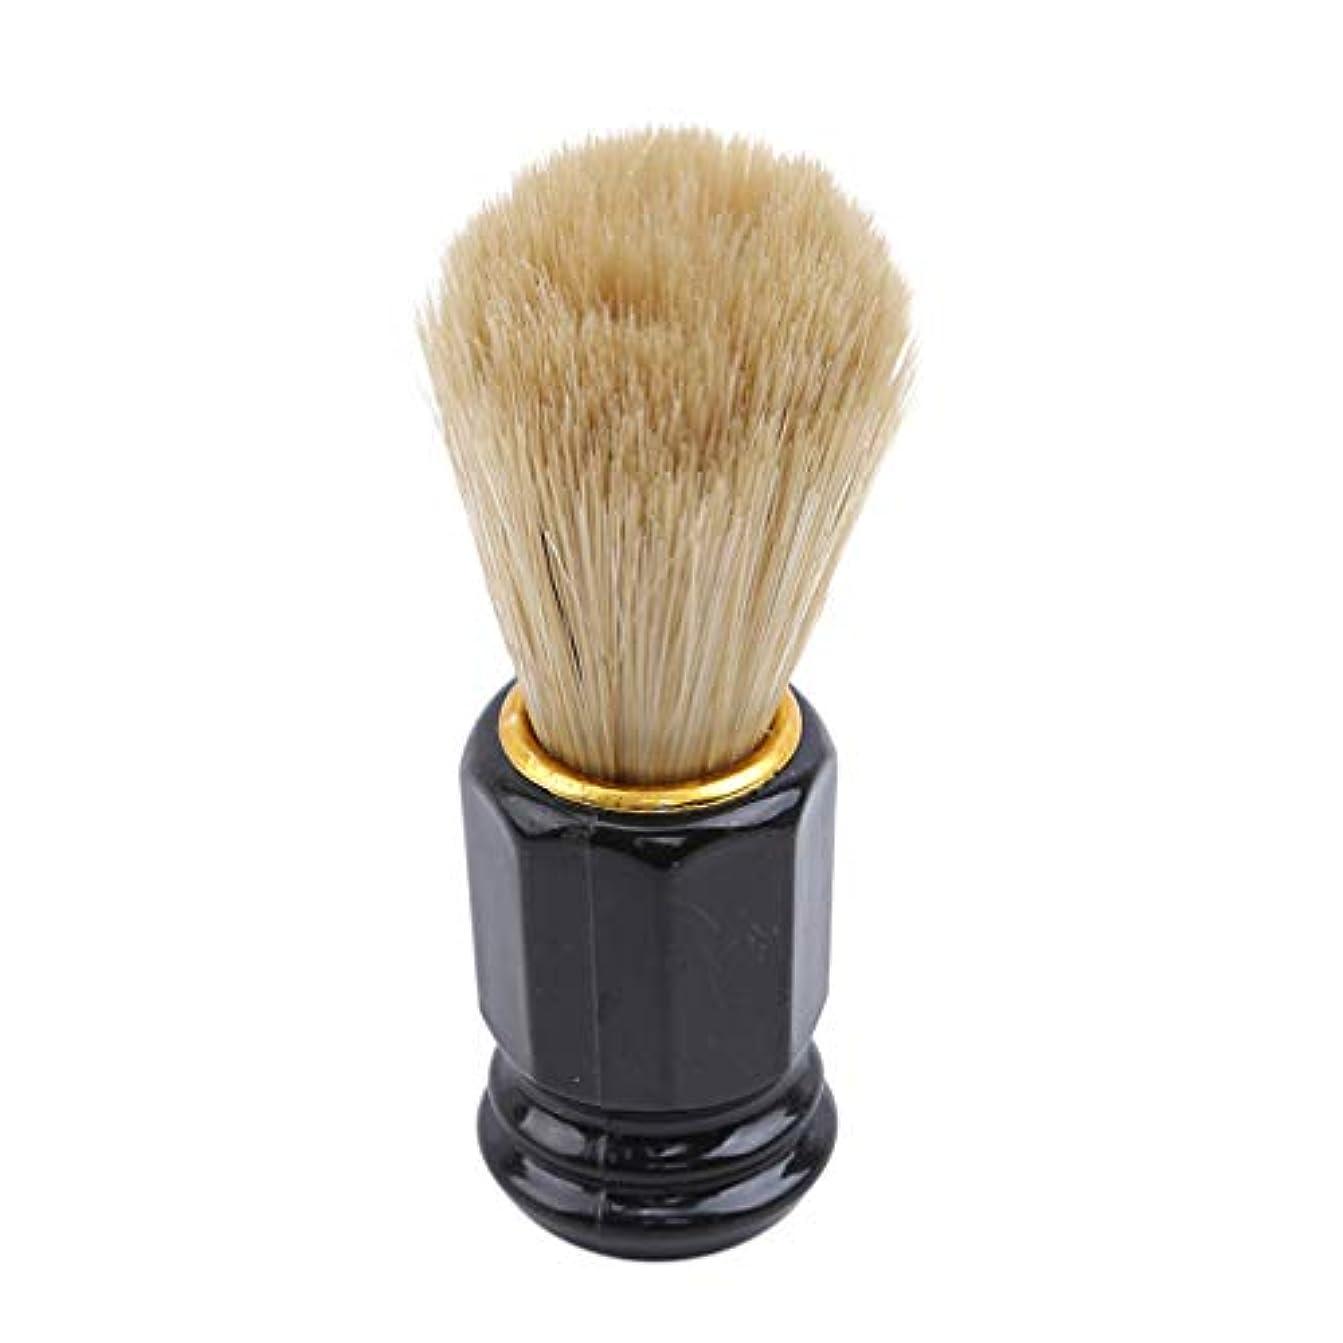 この均等にインテリア火の色 ひげブラシ シェービングブラシ 美容ツール 理容 洗顔 髭剃り 泡立ち 男性